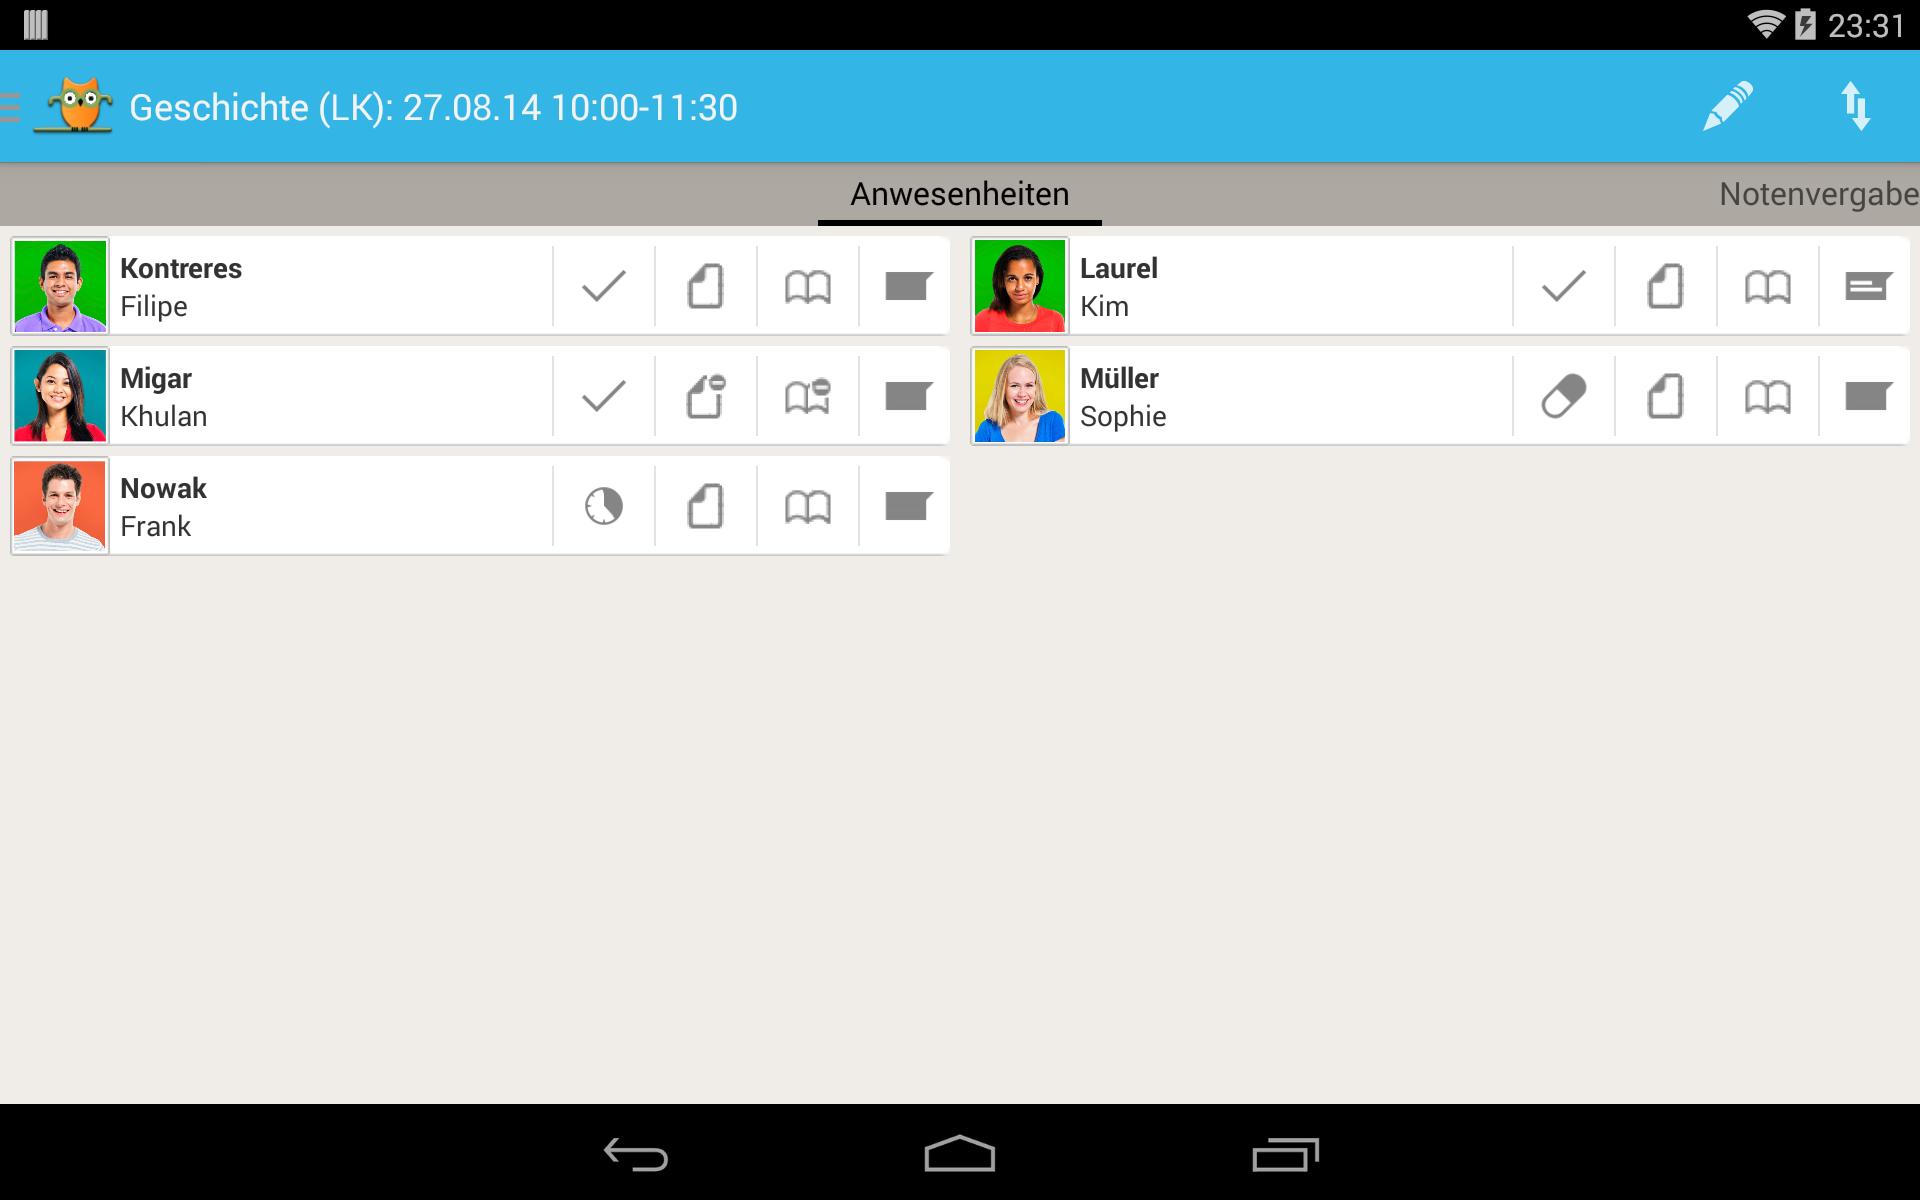 TeacherStudio-Handbuch-Android-Tablet-Unterrichtsstunde-Anwesenheit